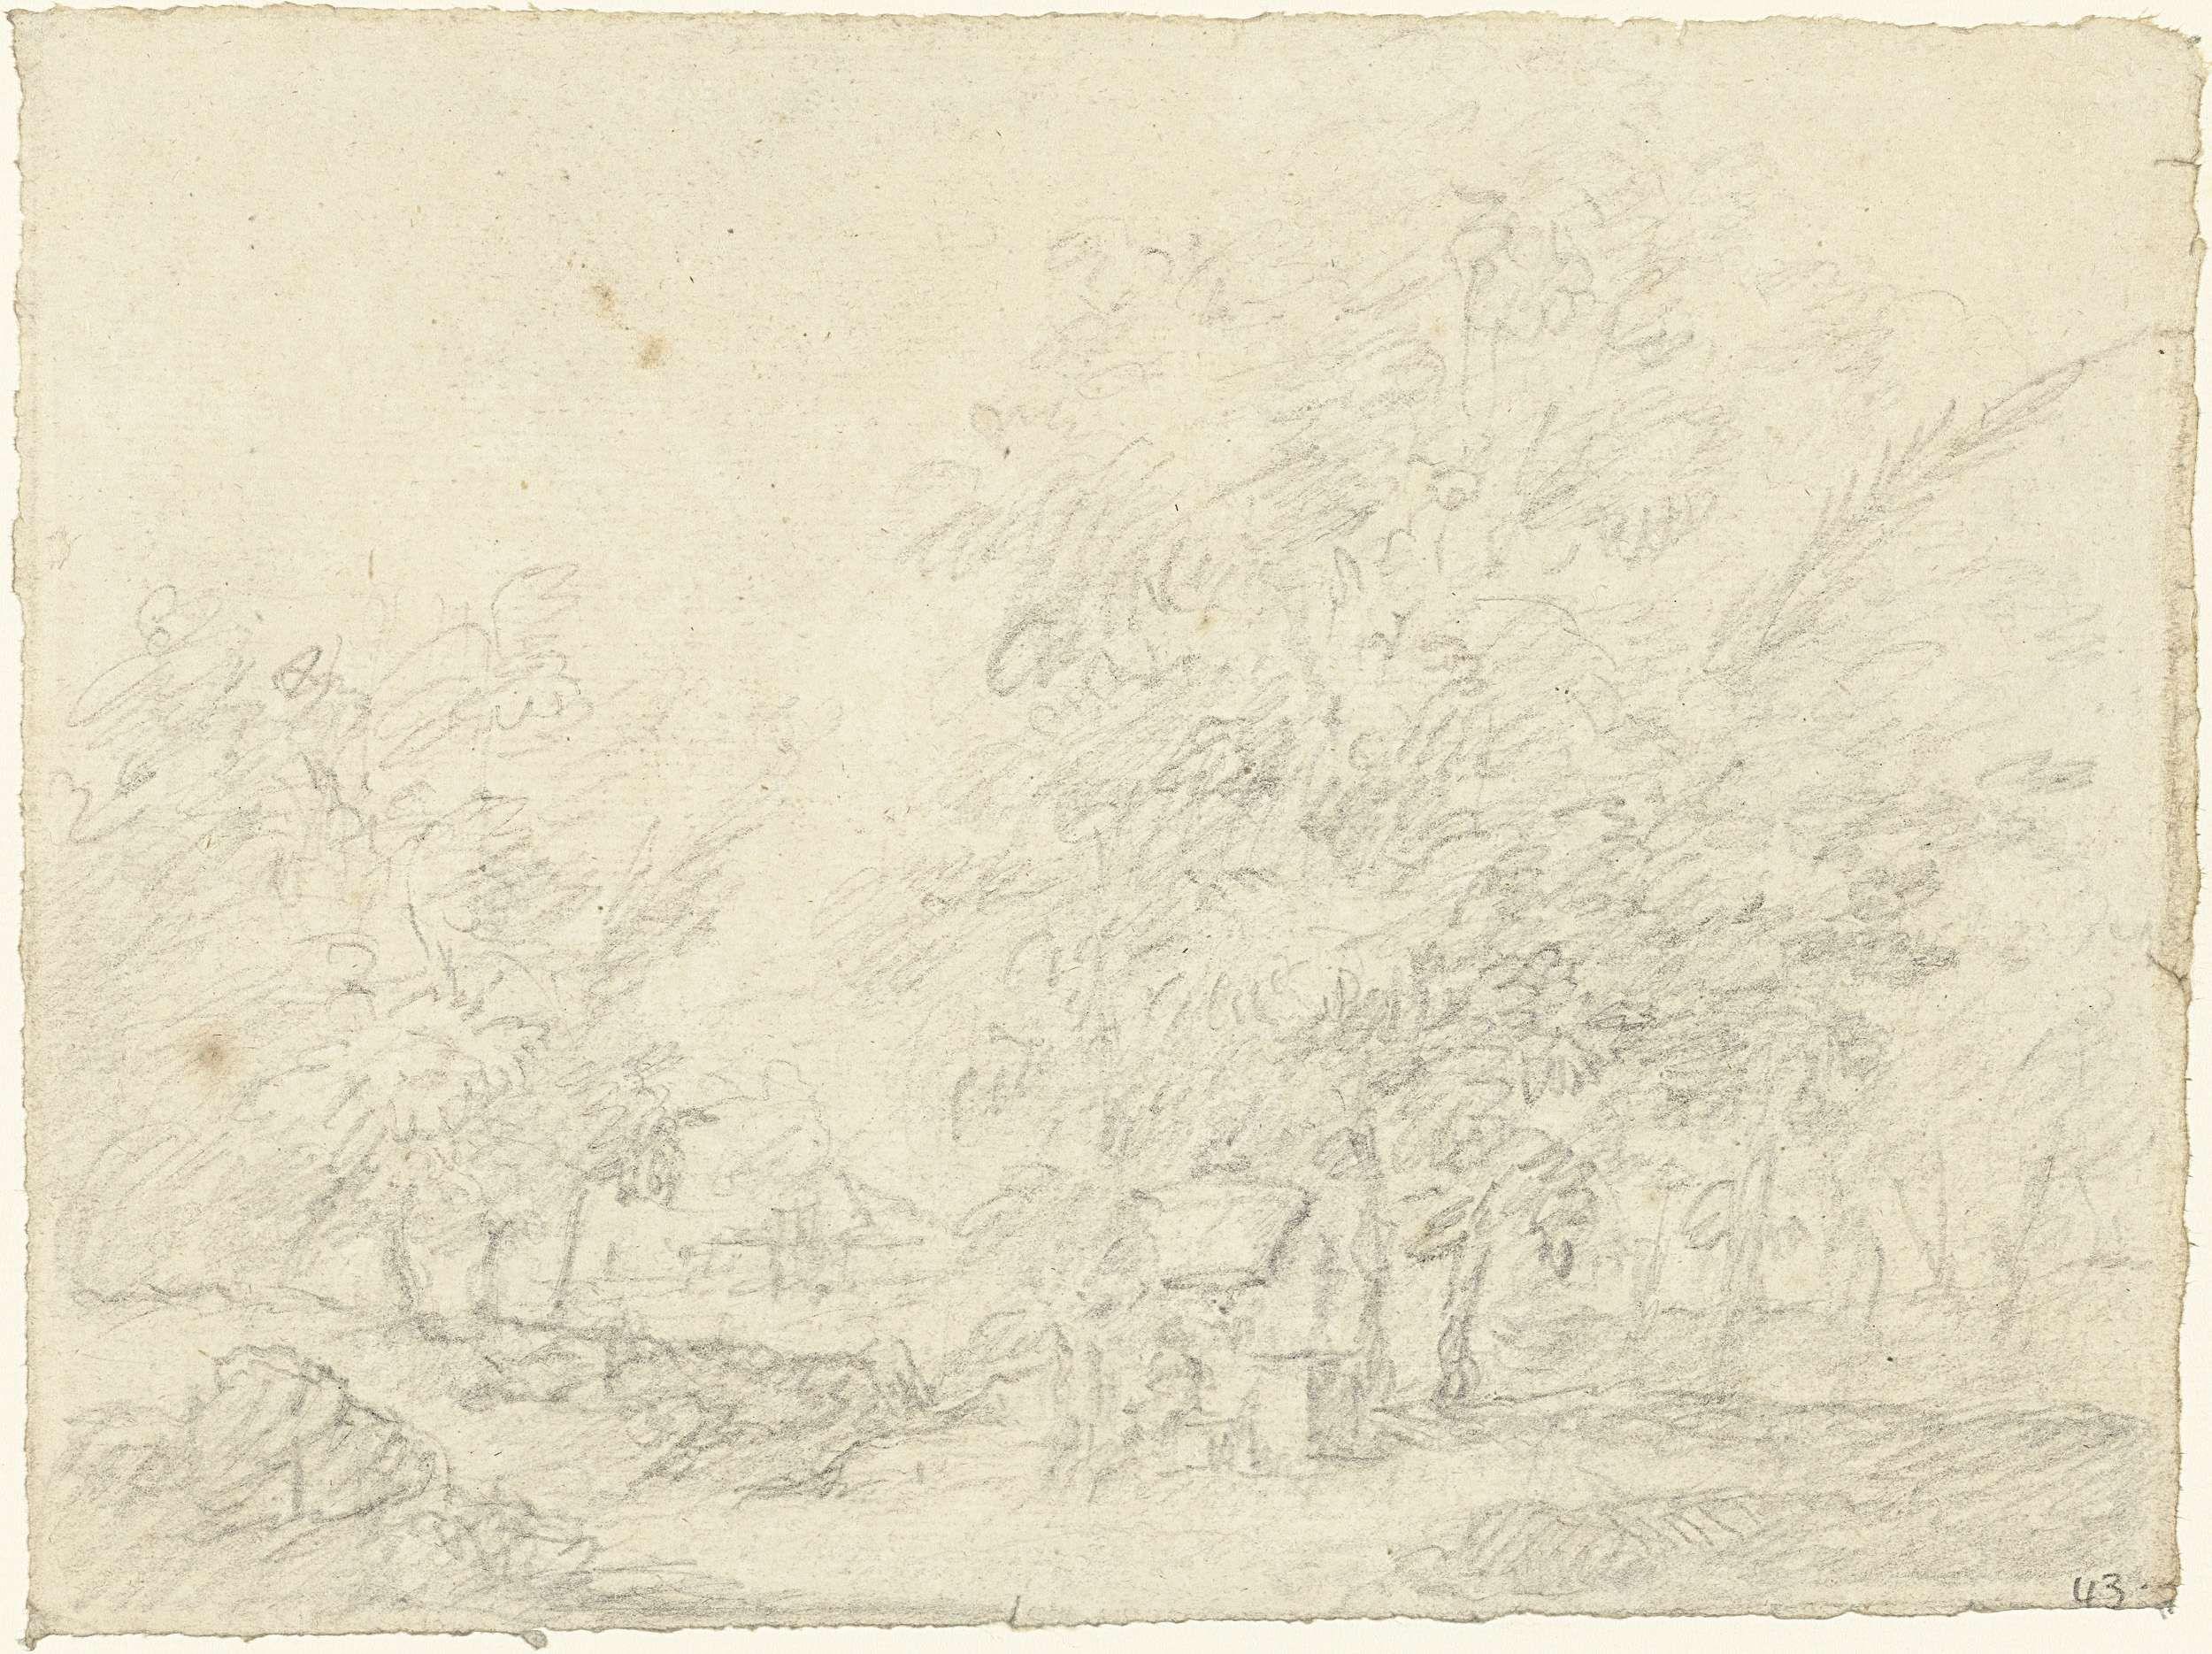 anoniem | Landschap met monument, possibly Dionys van Nijmegen, 1715 - 1798 | Ontwerp voor een schildering.